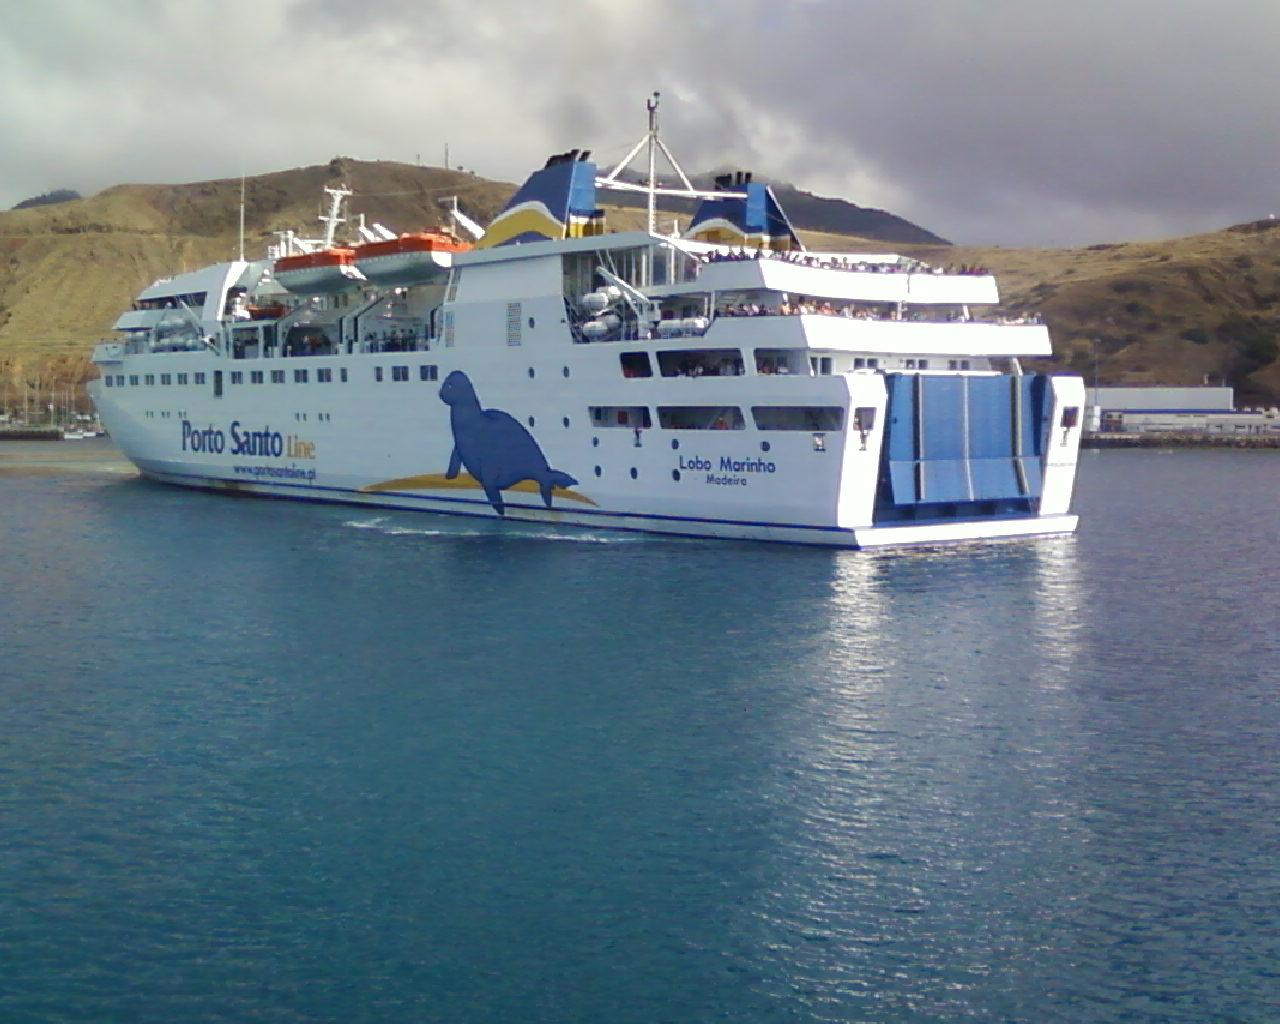 Porto Santo Ferry encounters problems • Madeira Island News